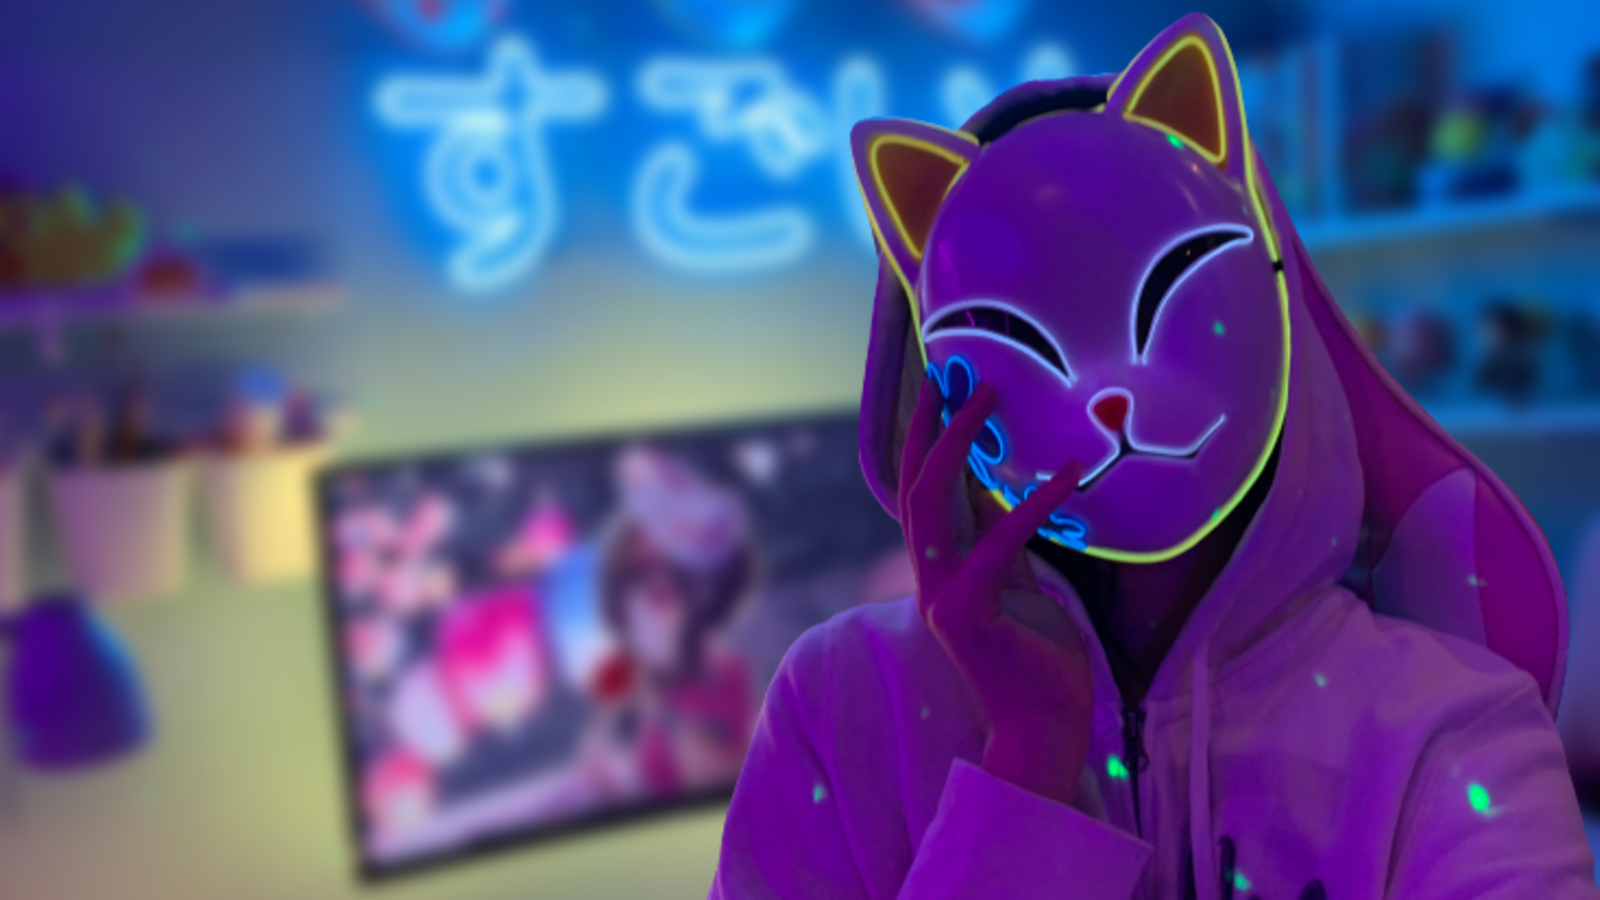 Insane Anime Gaming Setup Room Twitter Pastel Aesthetic